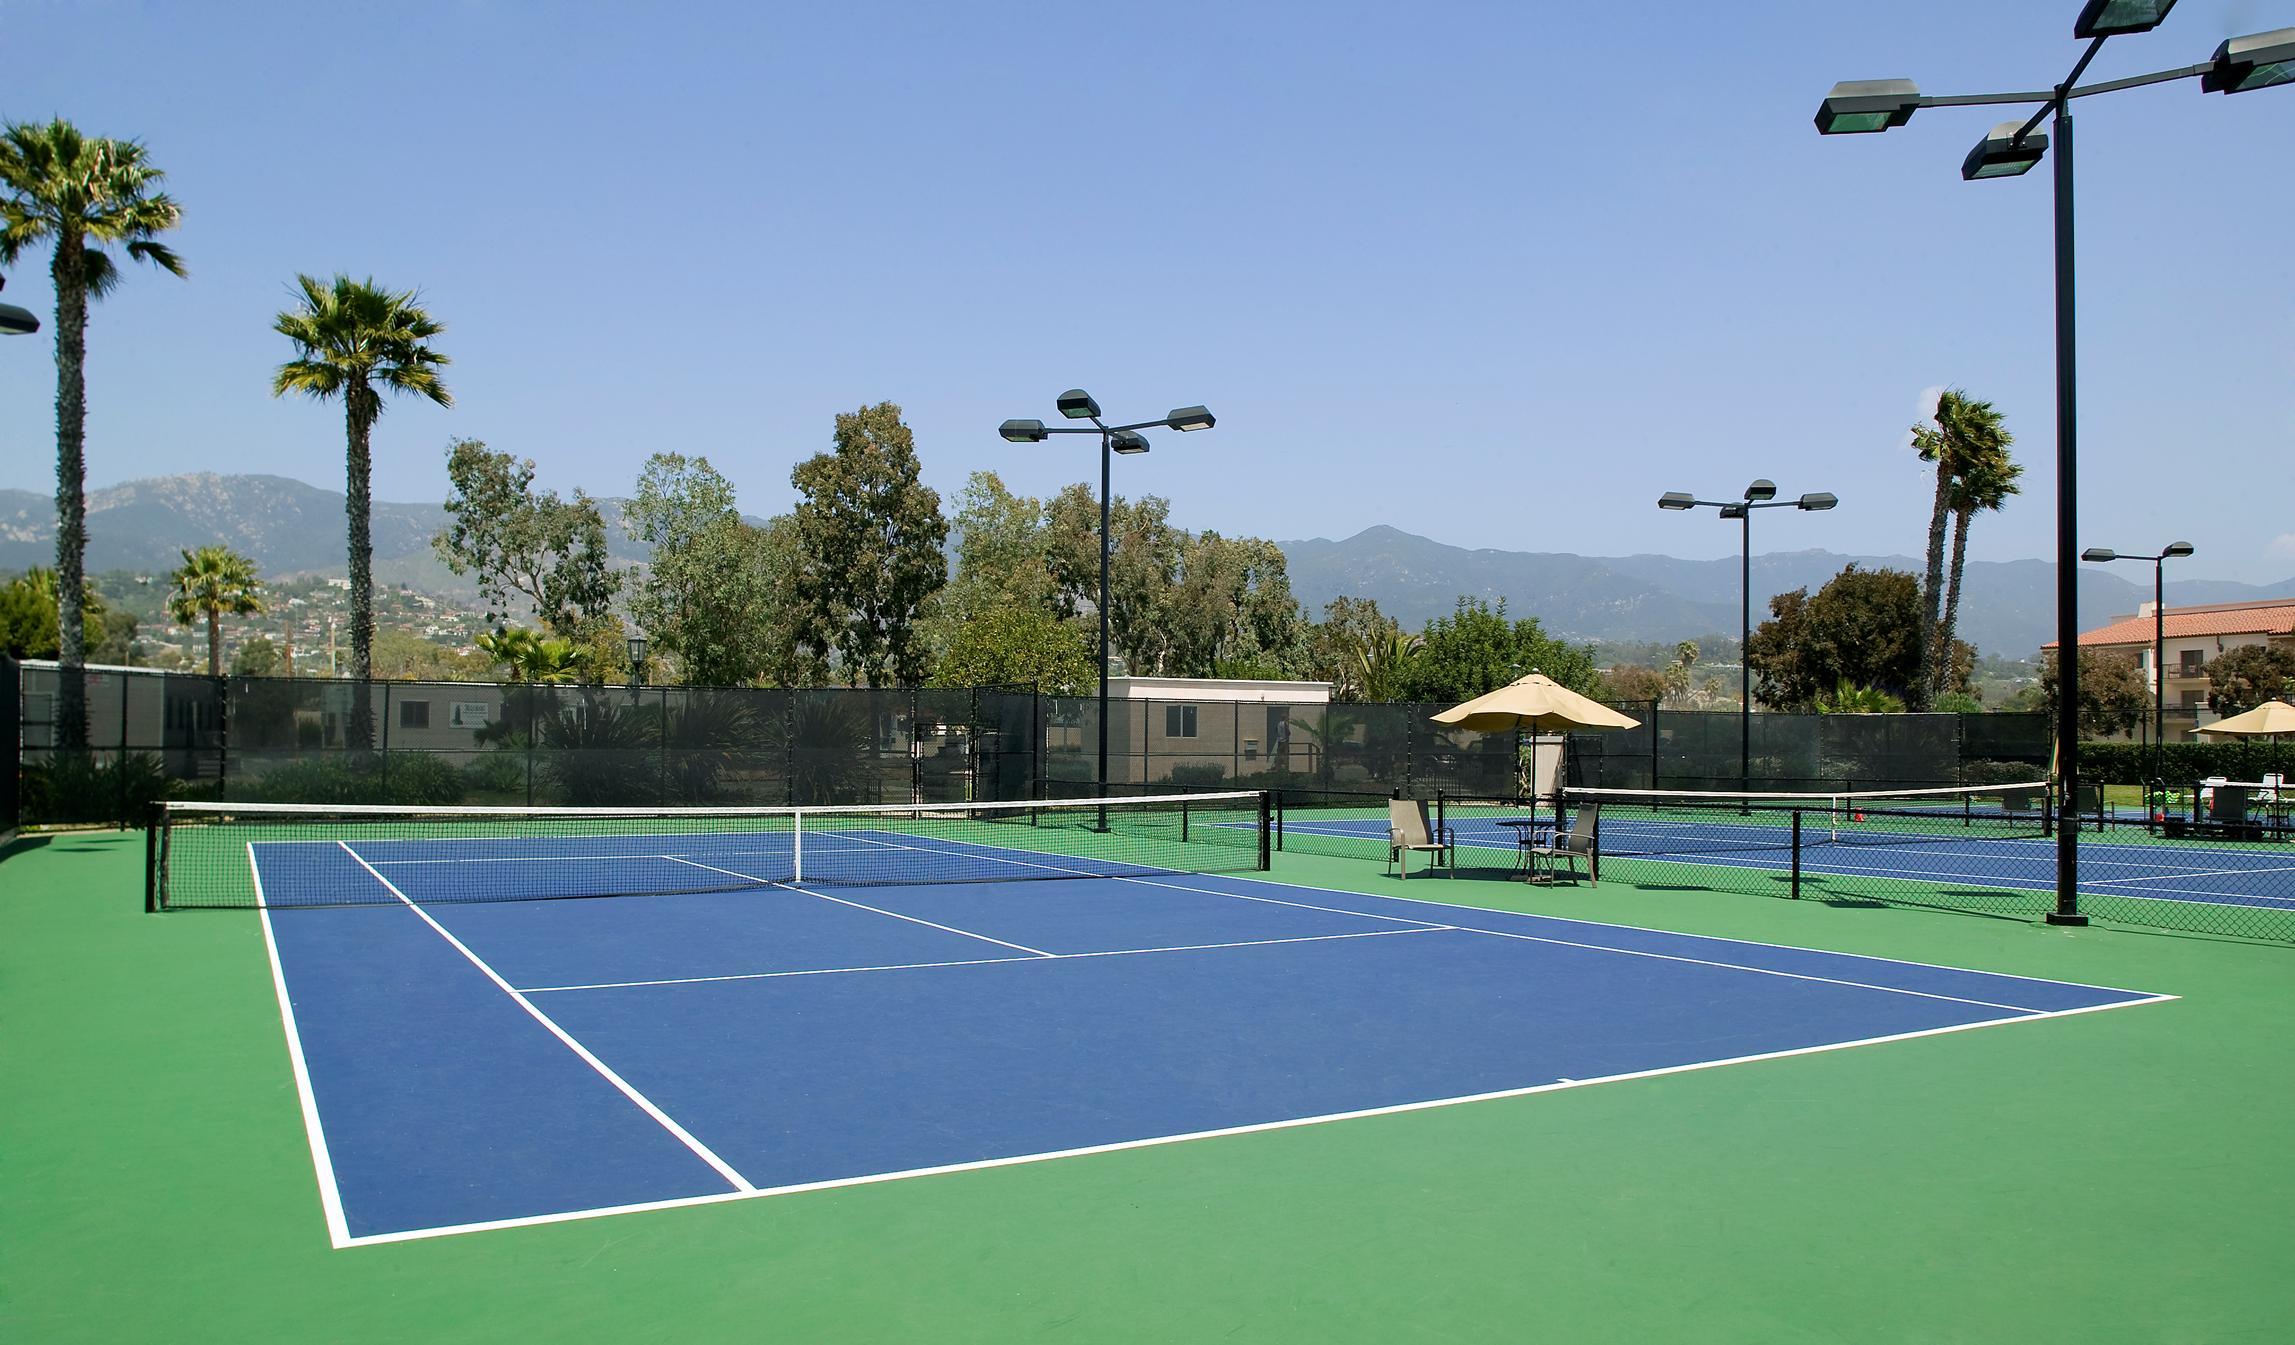 Dịch Vụ cho thuê sân Tennis